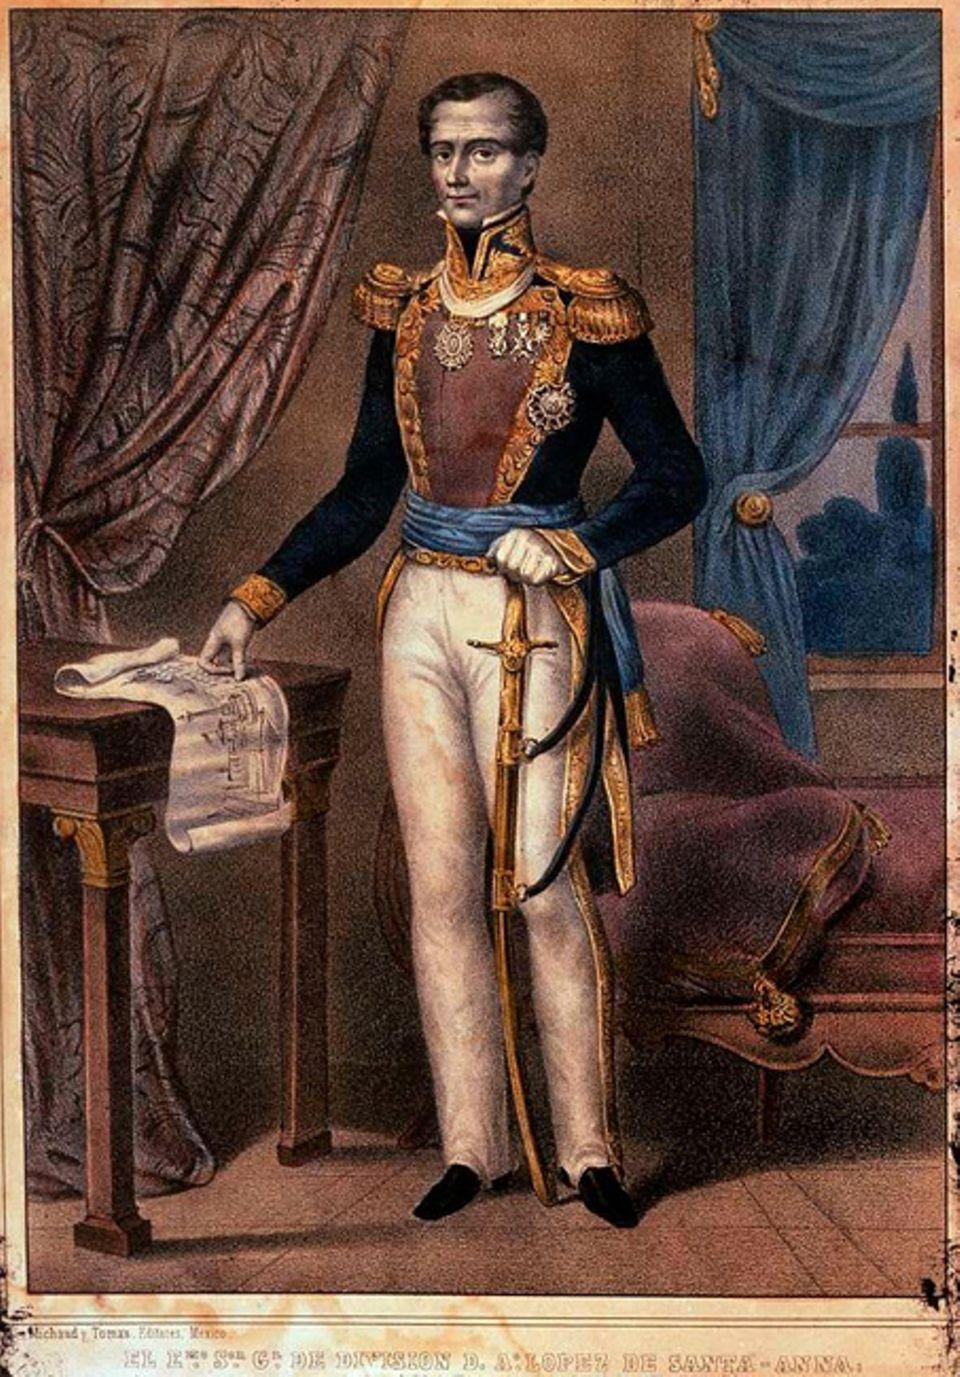 Wilder Westen: General Santa Anna ist entschlossen, in Alamo ein grausames Exempel zu statuieren, das die Texaner zurück in den Gehorsam jagt. Er befiehlt, alle Rebellen ohne Gnade zu töten